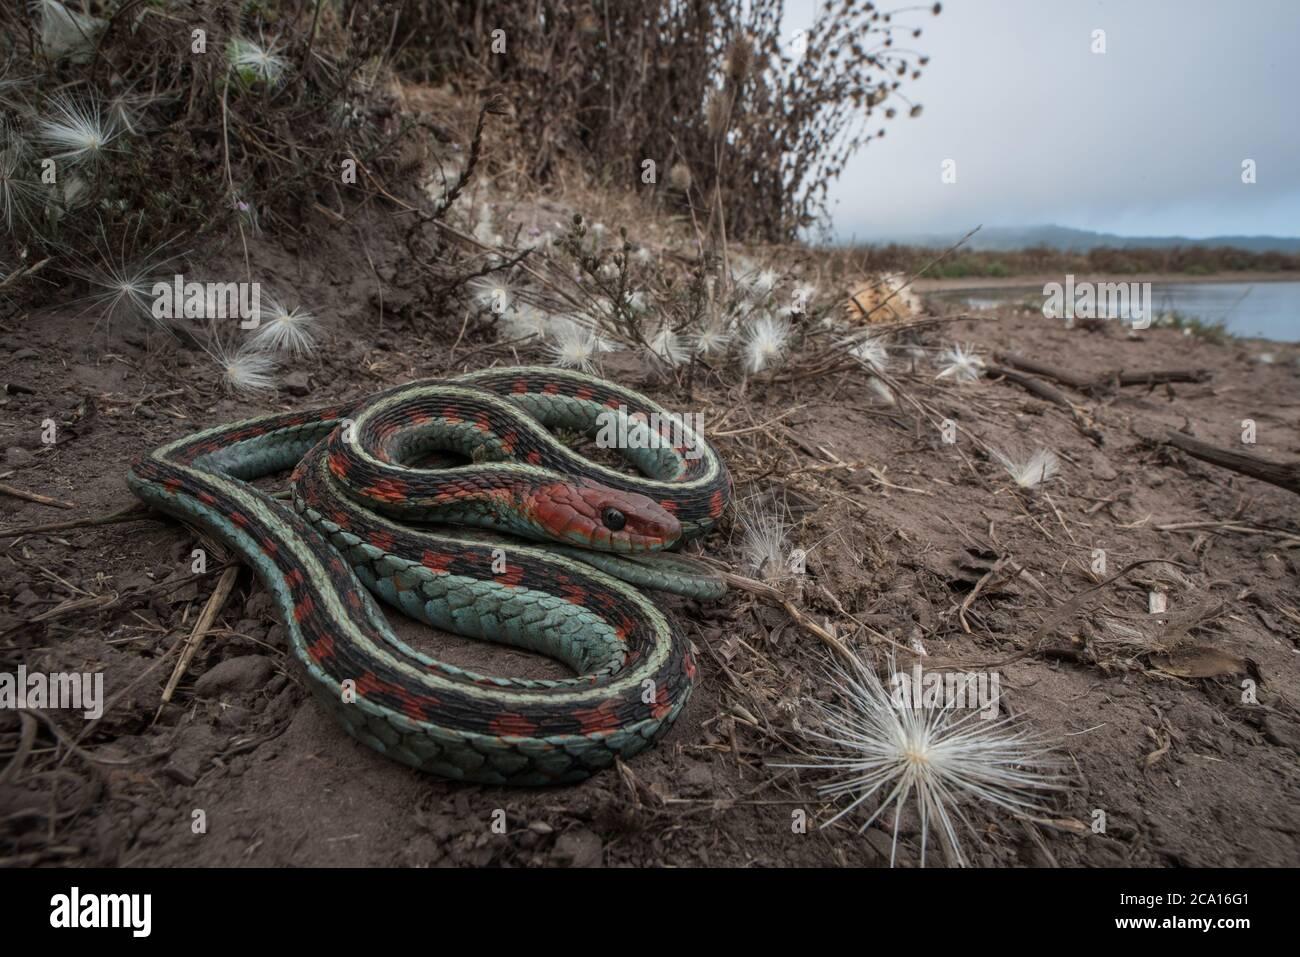 Una serpiente de garterpias roja de california (Thamnophis sirtalis infernalis) descansando junto a un estanque de ganado en Point Reyes National Seashore en CA. Foto de stock